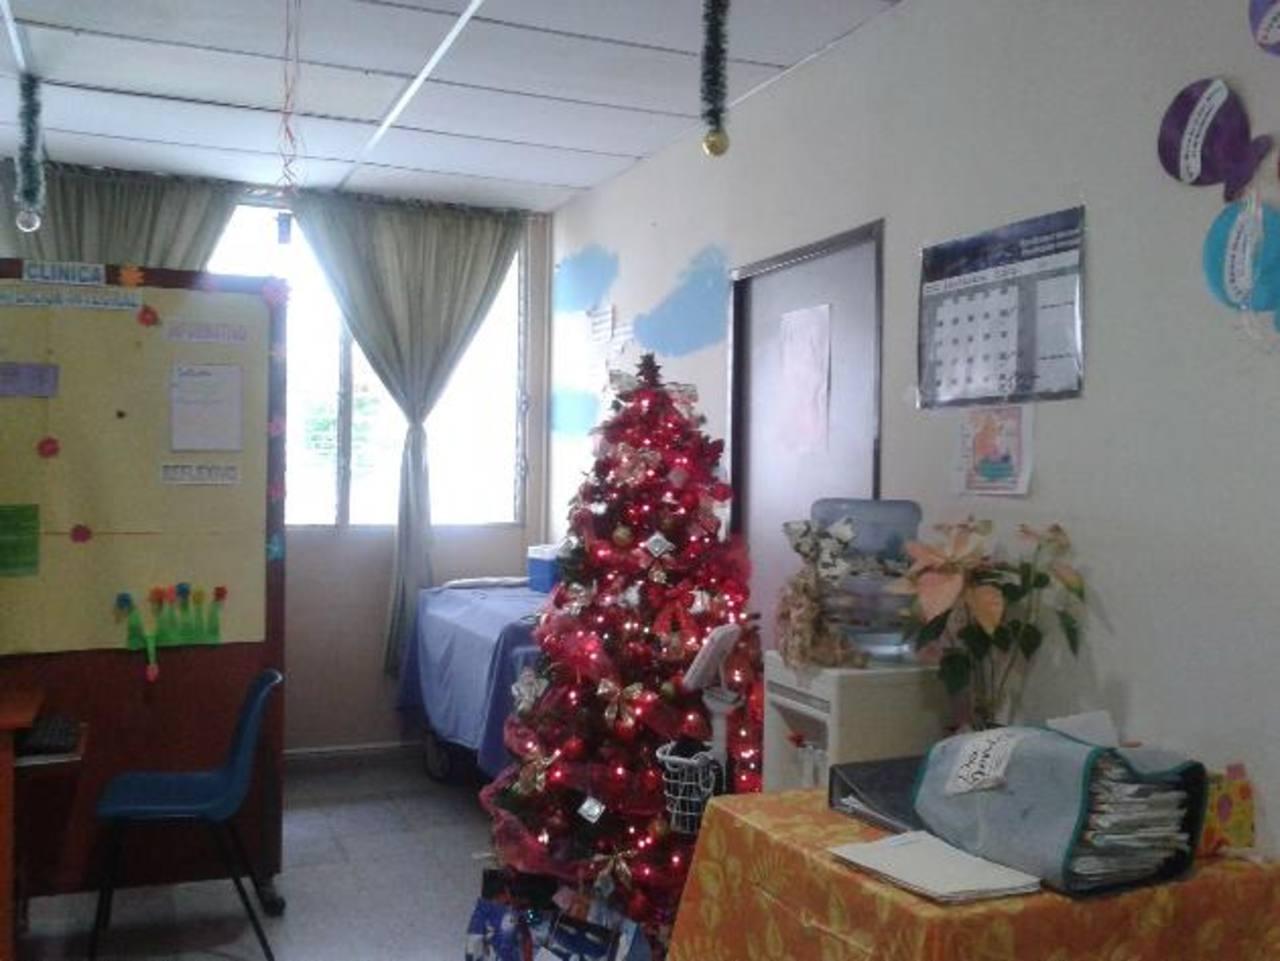 Los pacientes eran atendidos en consultorios dispersos, ahora en un área más adecuada.